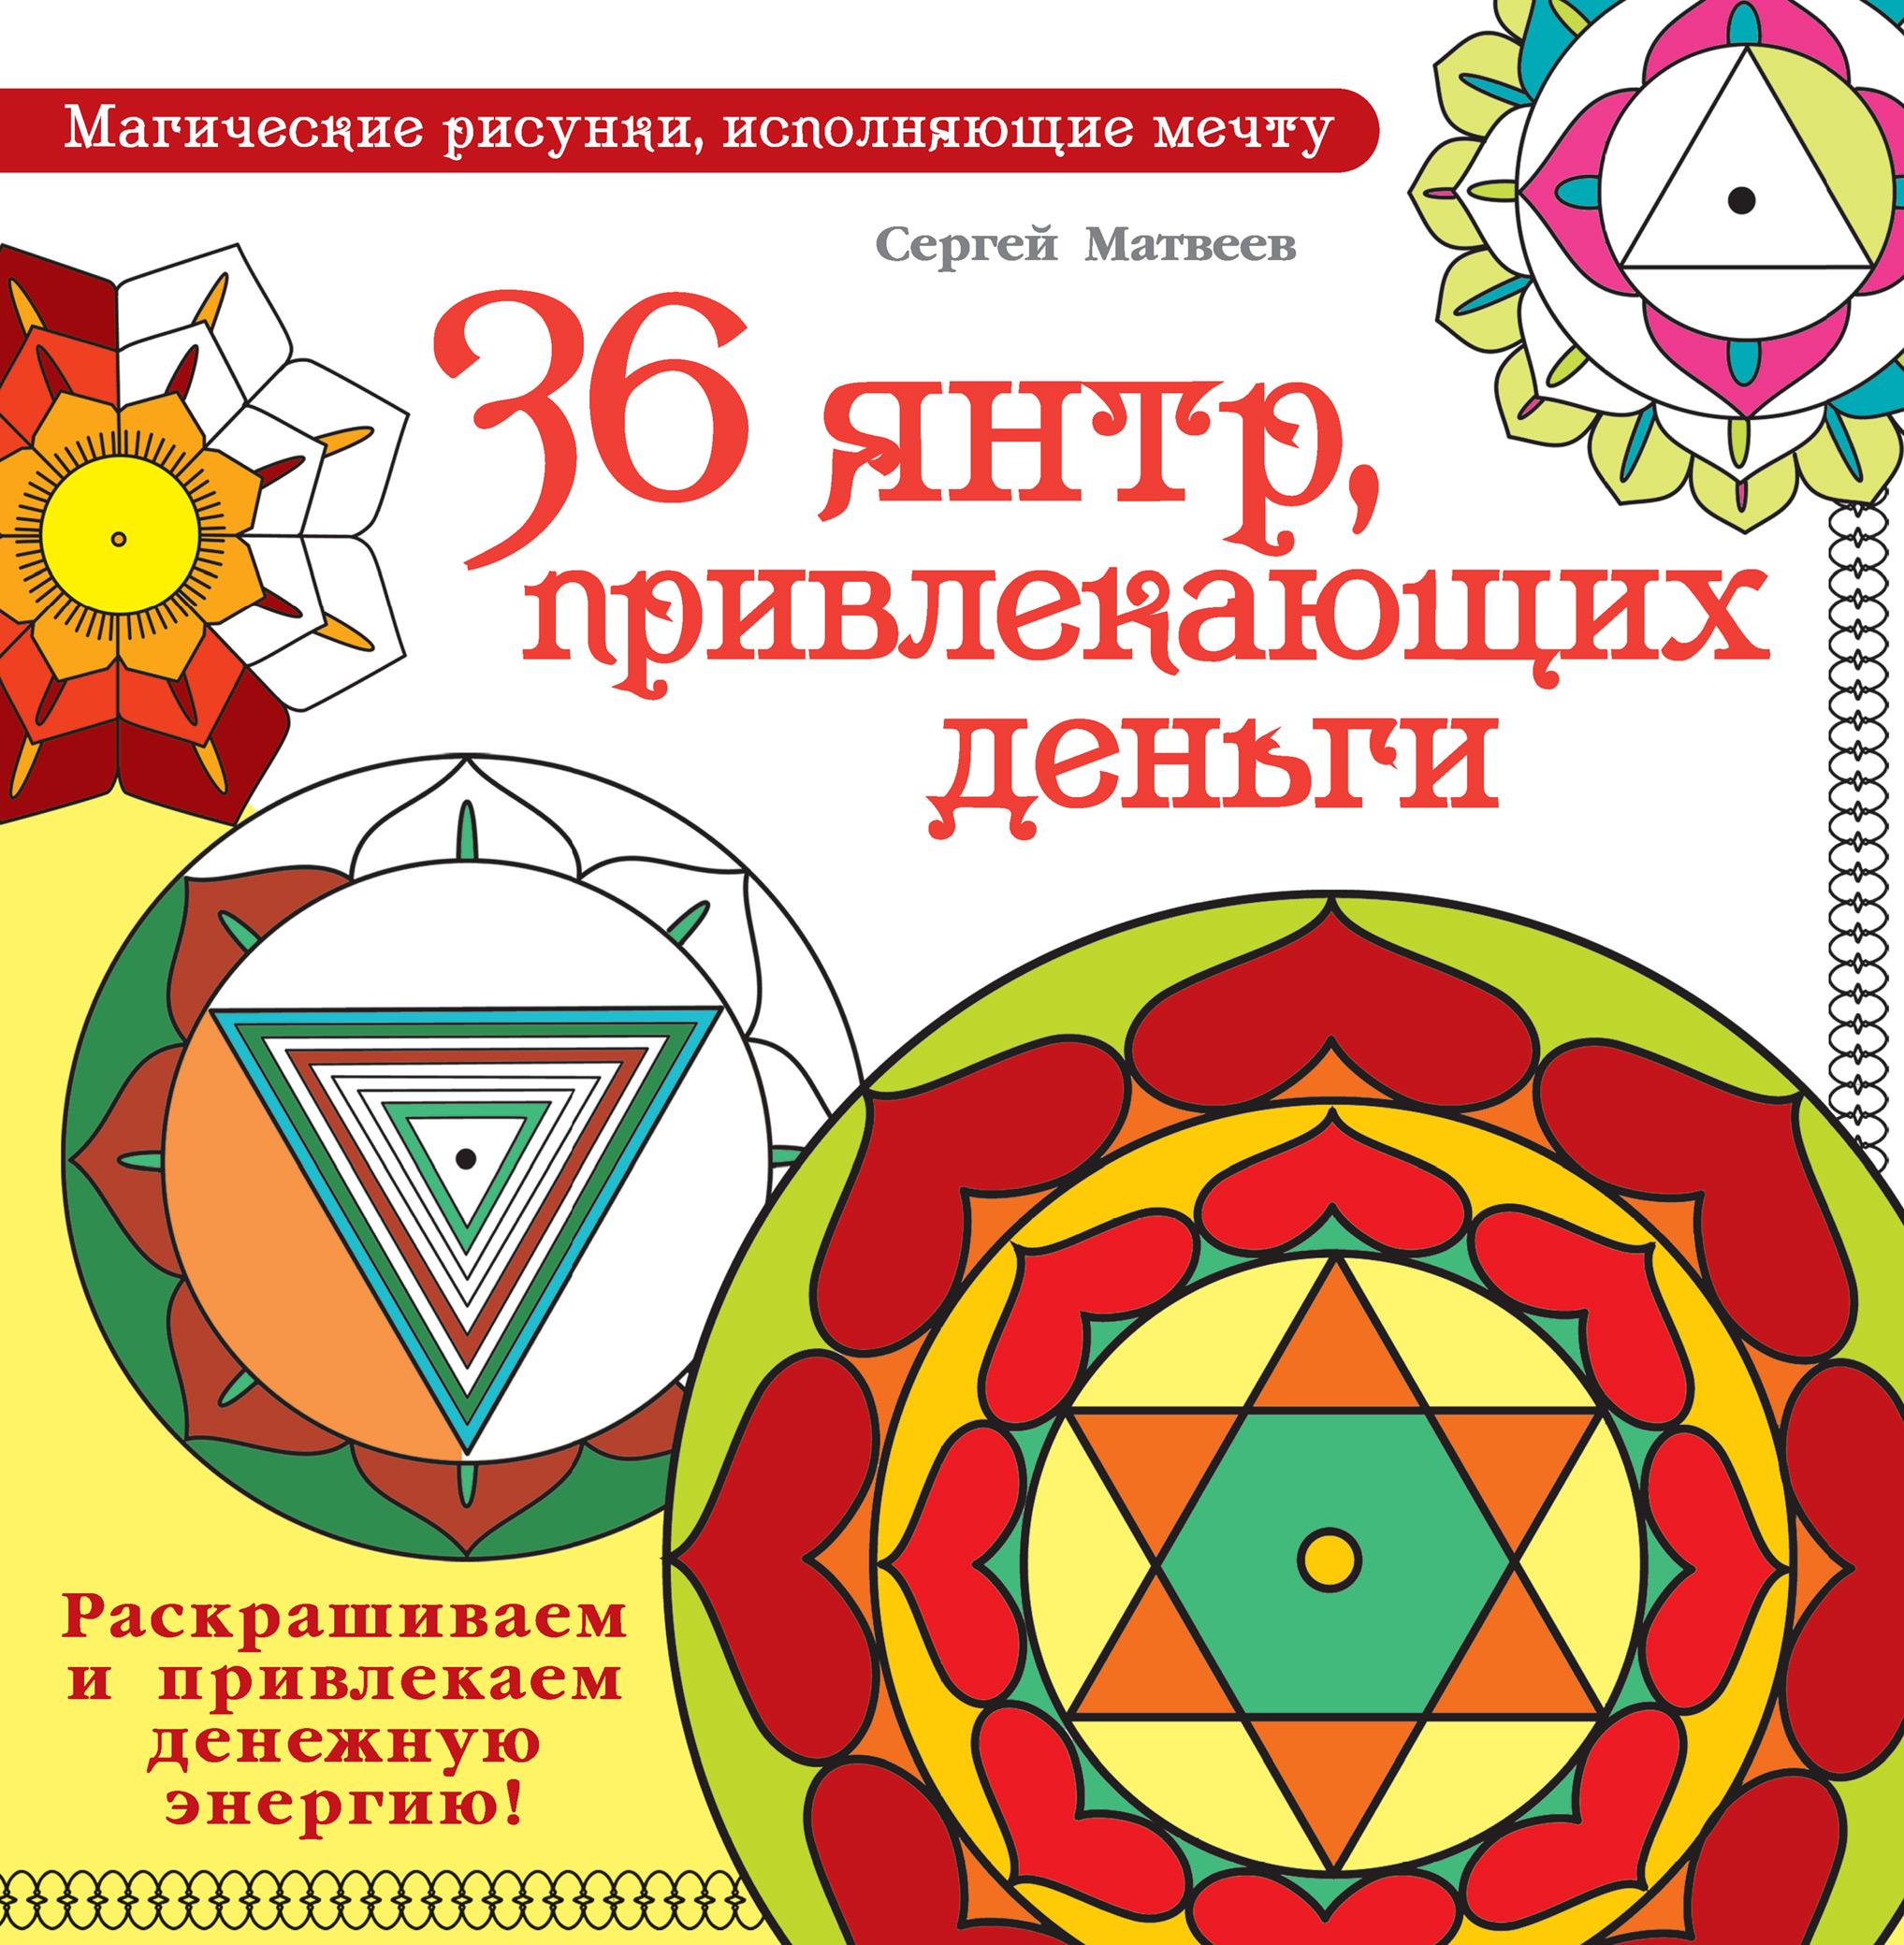 С. А. Матвеев 36 янтр, привлекающих деньги. Раскрашиваем и привлекаем денежную энергию матин и янтры защитные символы востока